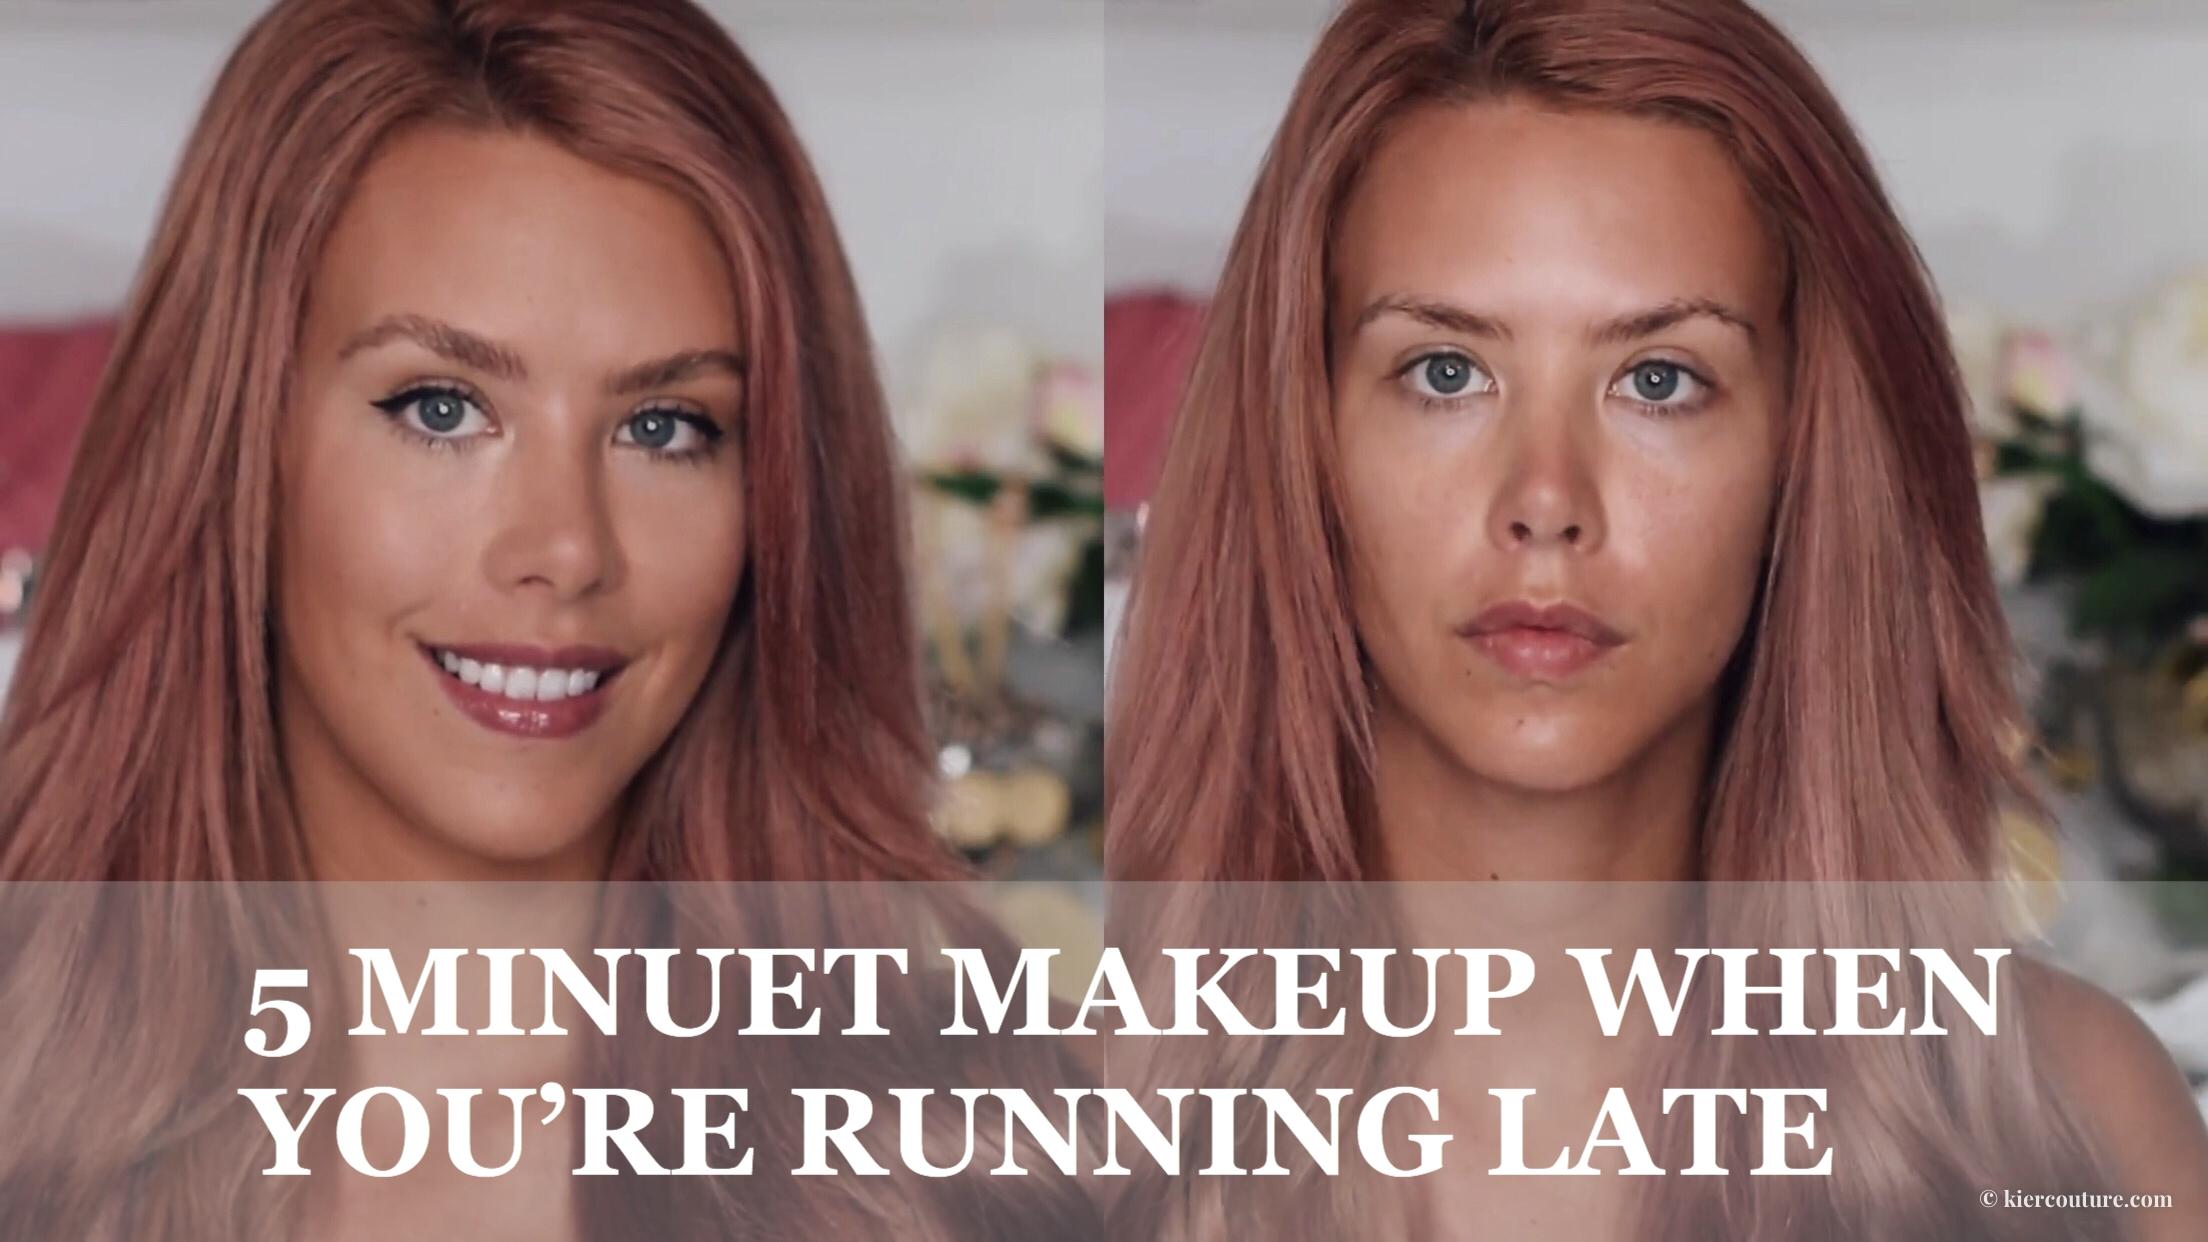 Kier Mellour 5 minute makeup